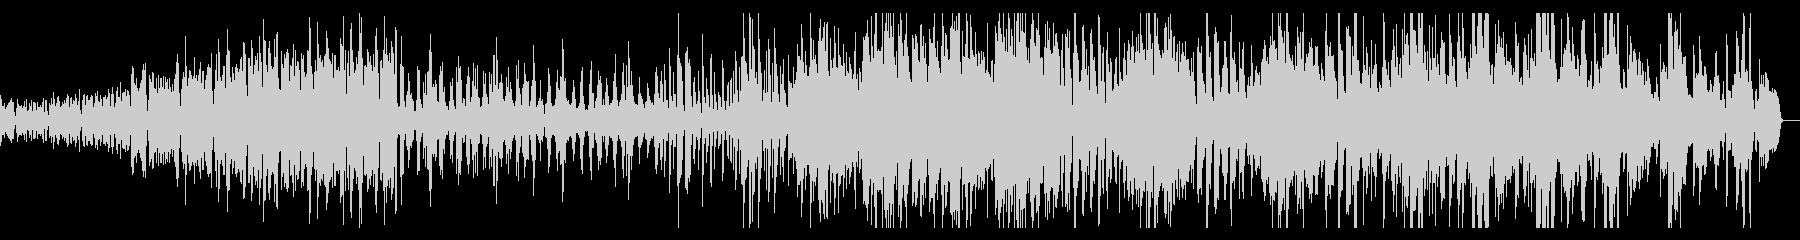 軽快なストリングス曲の未再生の波形